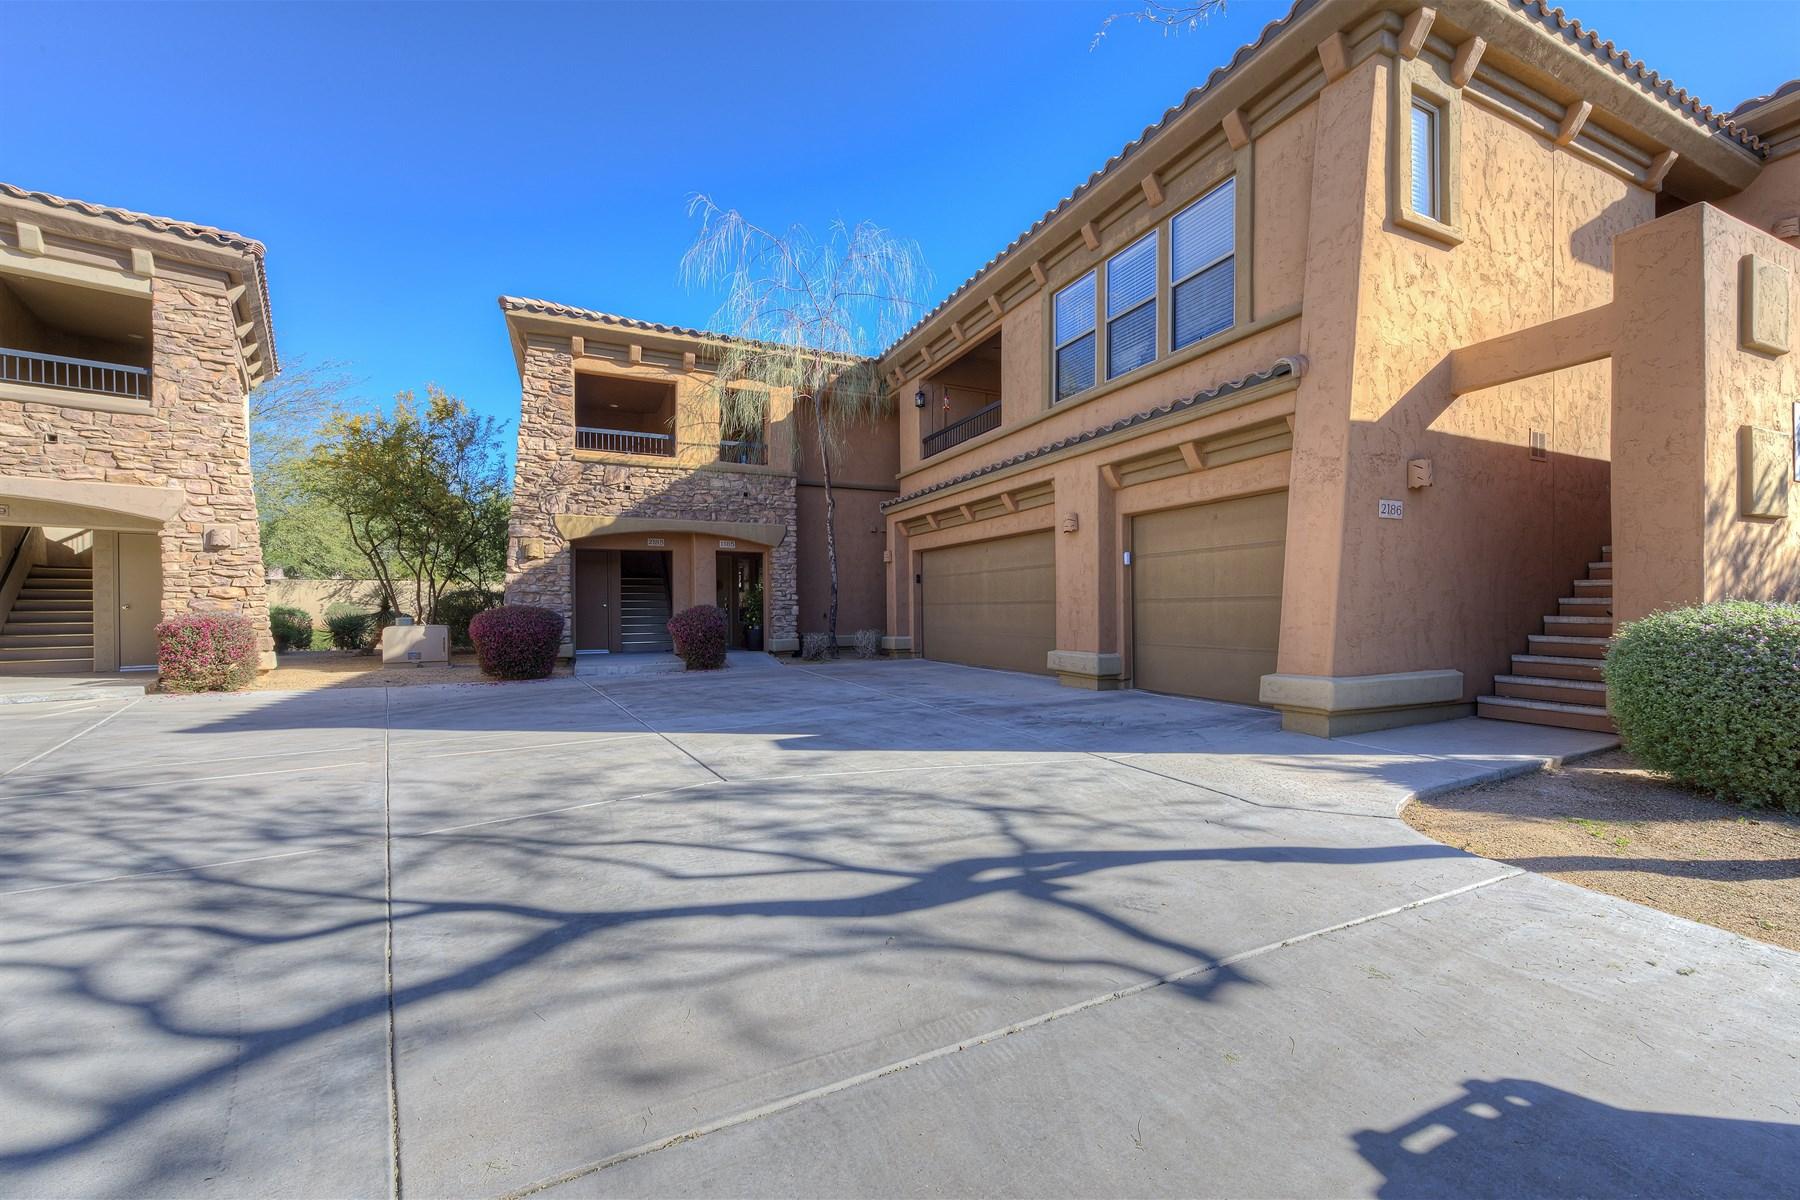 多棟聯建住宅 為 出售 在 Ground Level 3 Bedroom Unit in Gated Villages at Grayhawk 19700 N 76th Street #1185 Scottsdale, 亞利桑那州 85255 美國